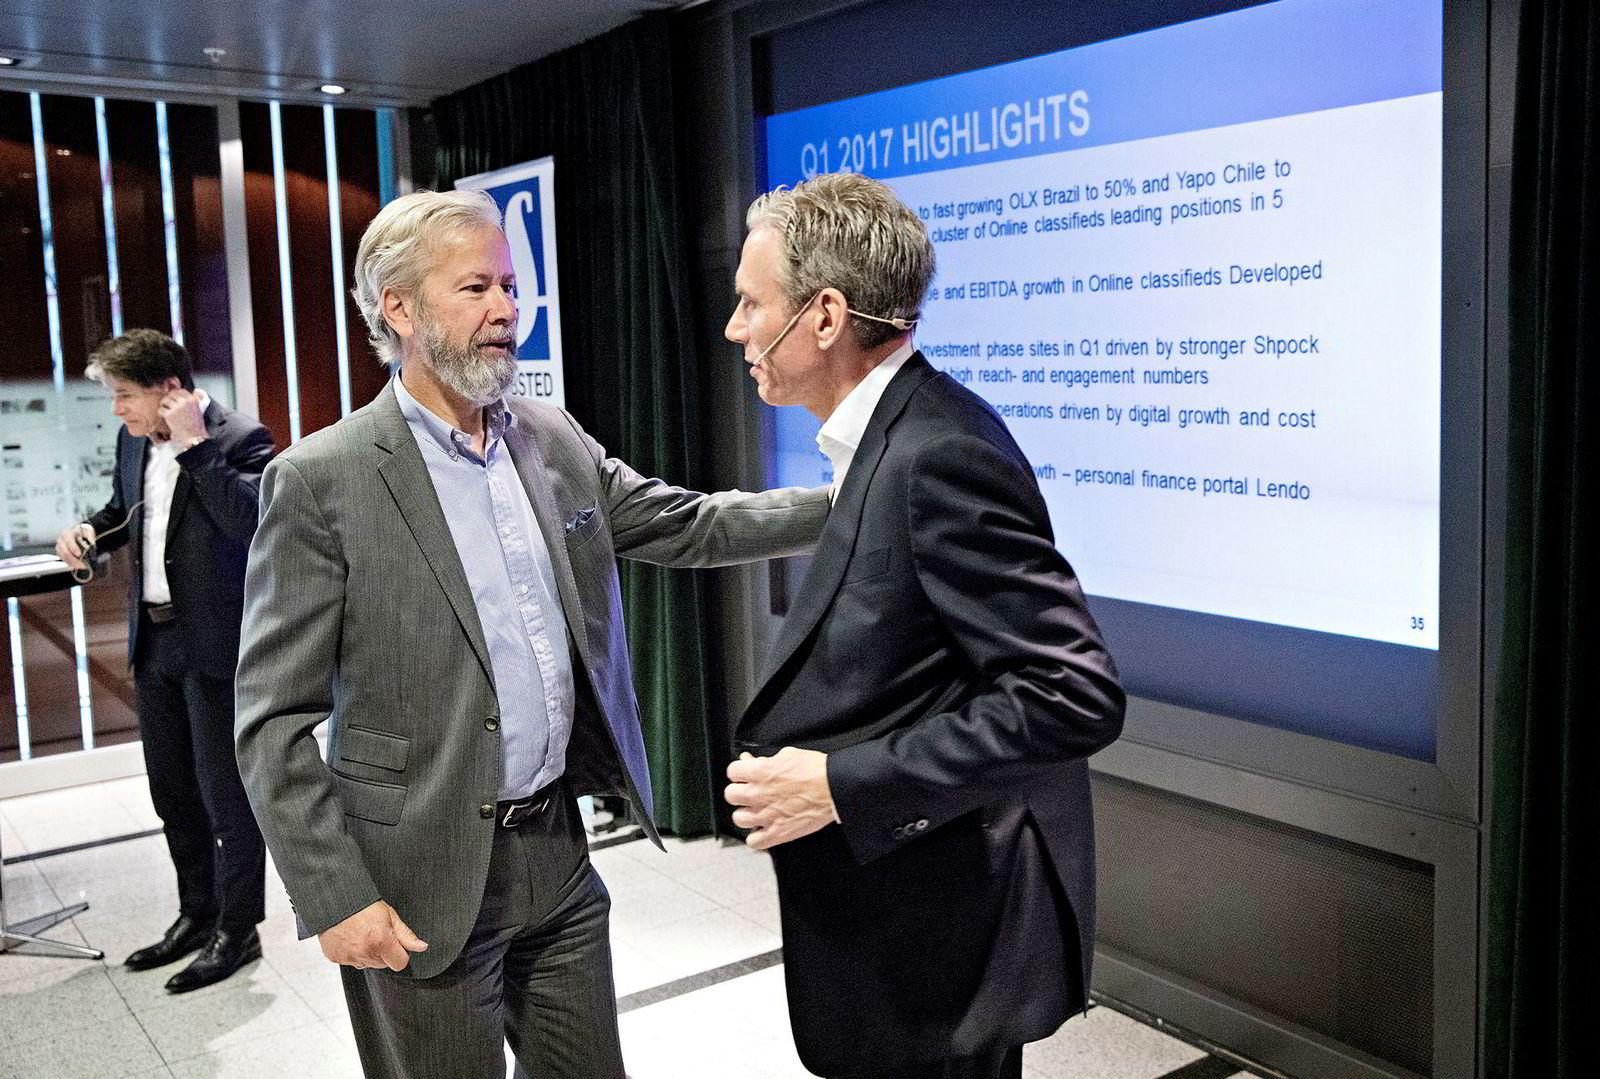 Styreleder Ole Jacob Sunde (til venstre) grep inn under kvartalspresentasjonen fredag for å forsvare konsernsjefen Rolf Erik Ryssdal og finansdirektør Trond Berger (bak) mot kritiske spørsmål fra analytikere som reagerer på at Schibsted brenner hundrevis av millioner på loppemarked-appen Shpock.